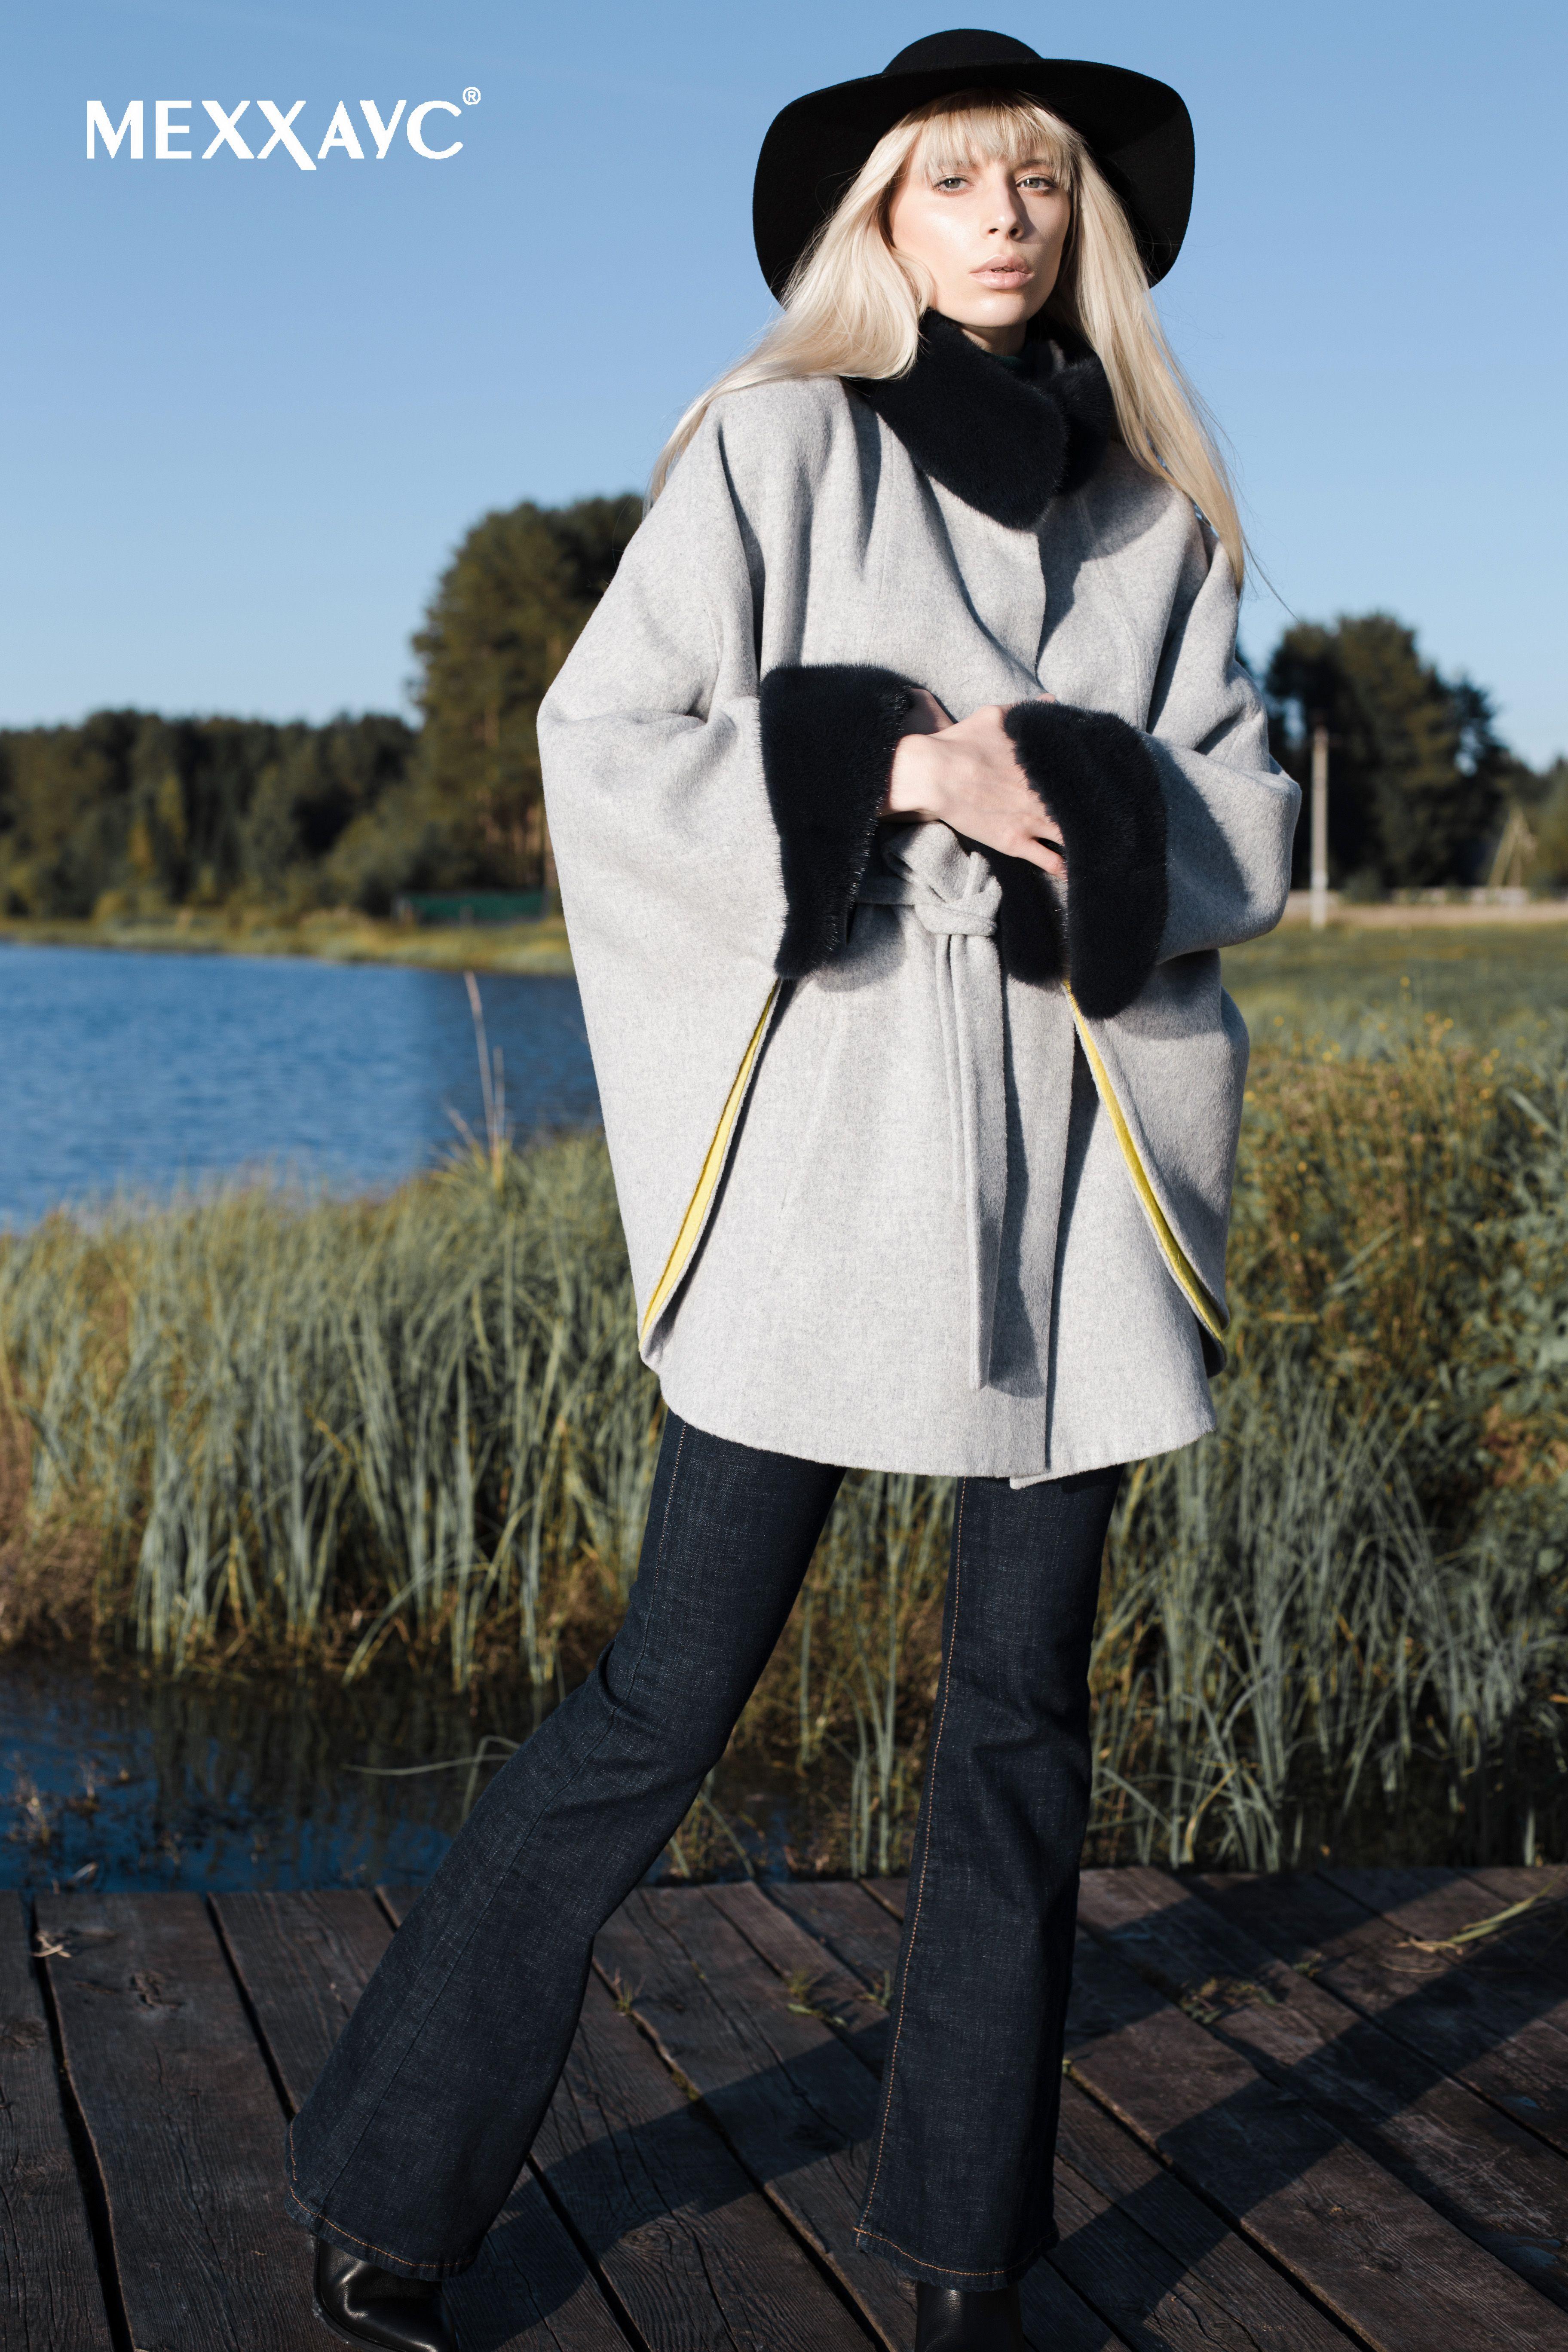 Женское демисезонное пальто-пончо с мехом норки. Модель пальто выполнена из  итальянской шерстяной ткани 3d83c8b799480